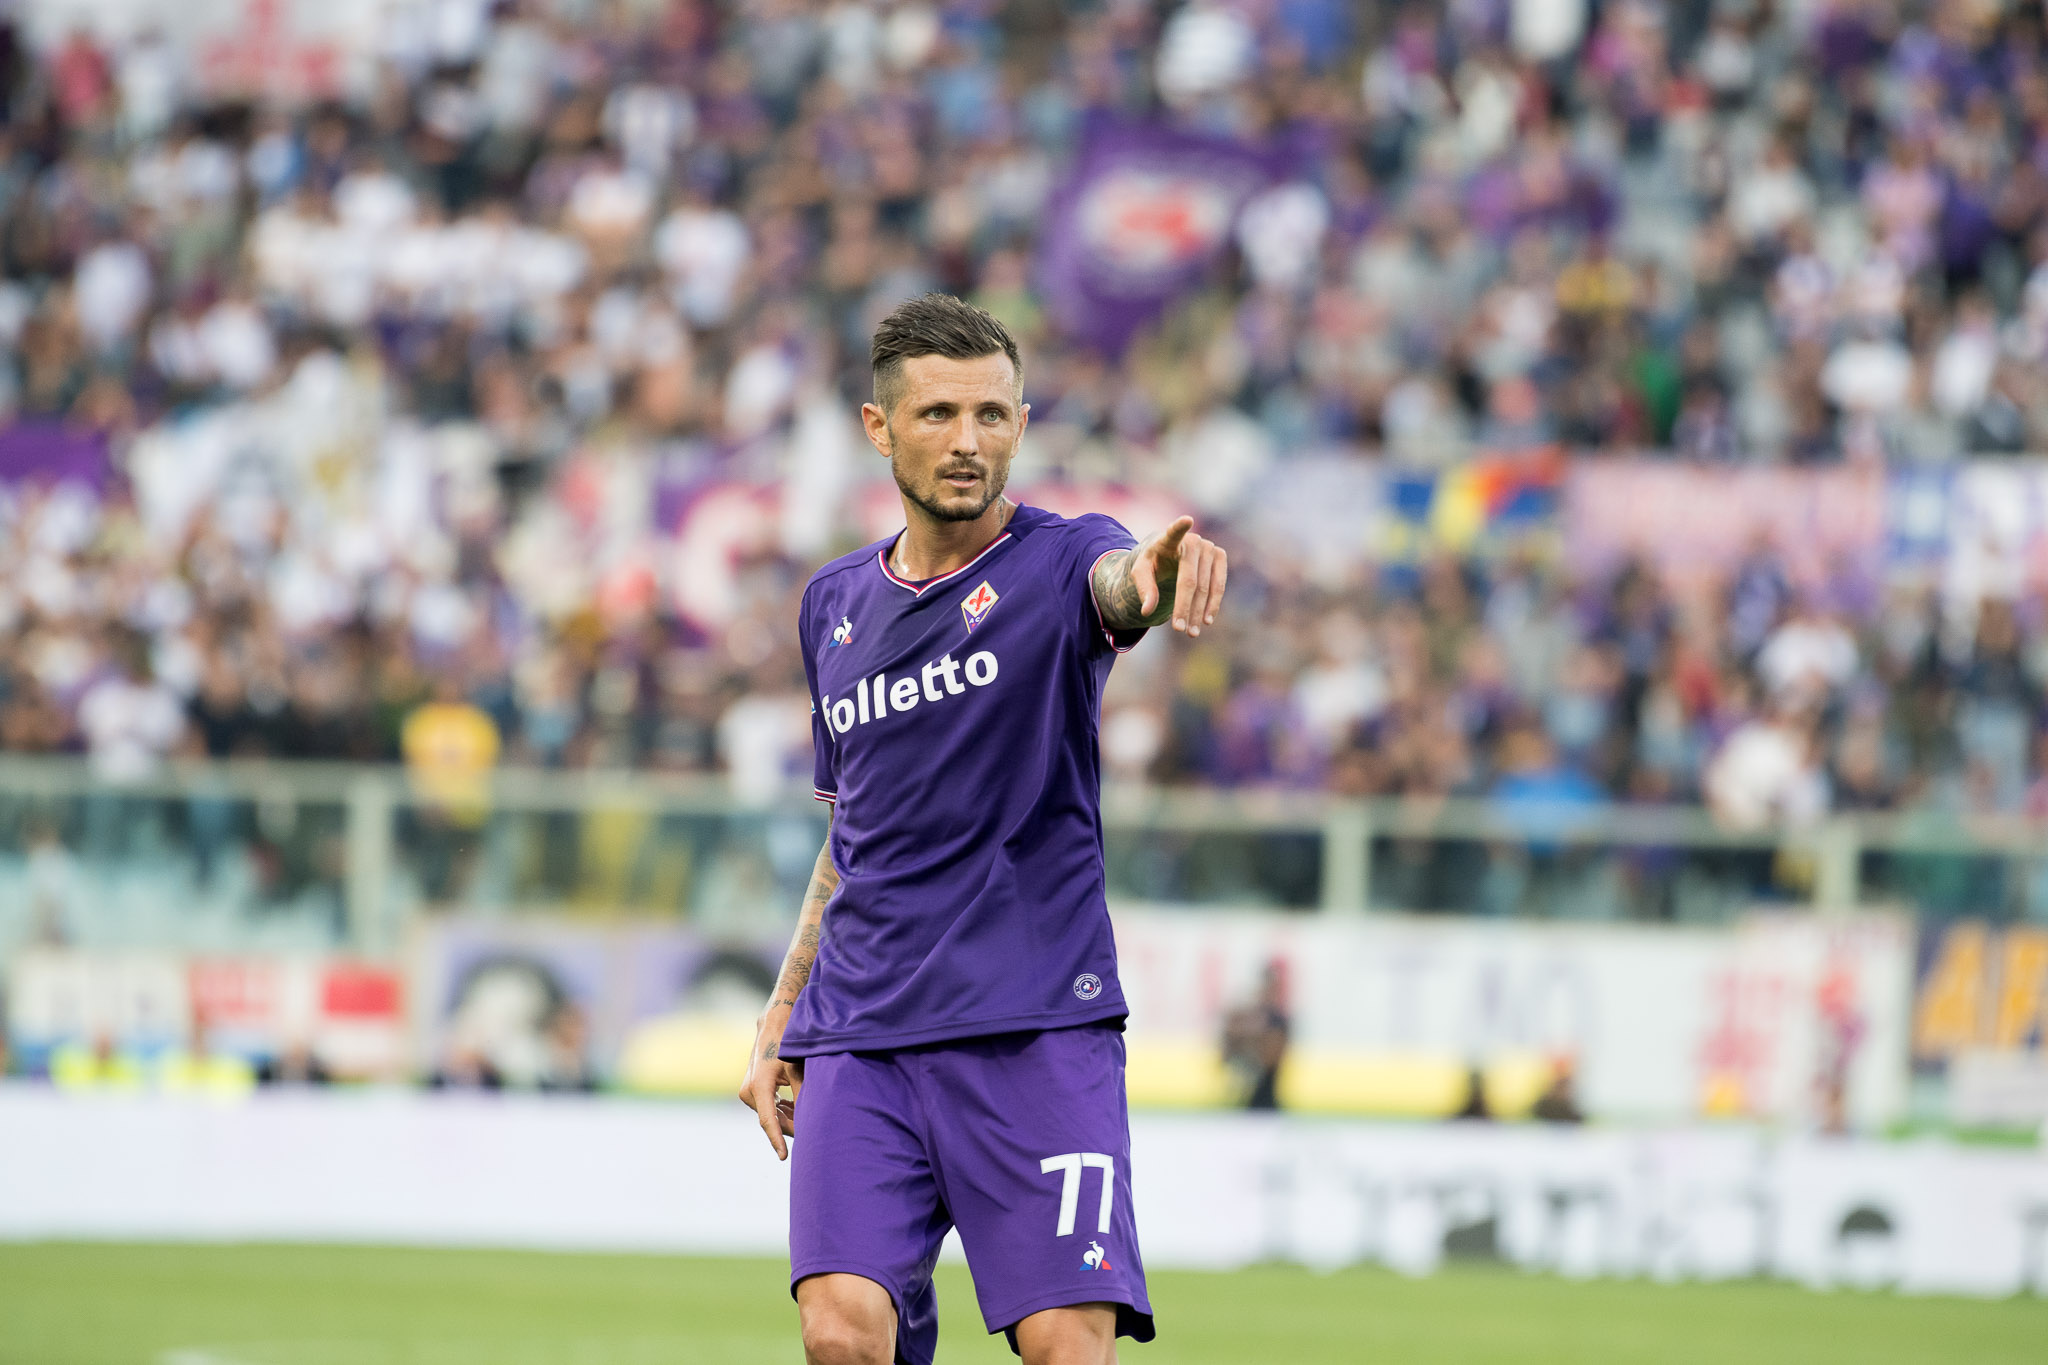 L'ultima sconfitta in casa della Juventus è firmata Thereau. Oggi resta in ballottaggio con Eysseric